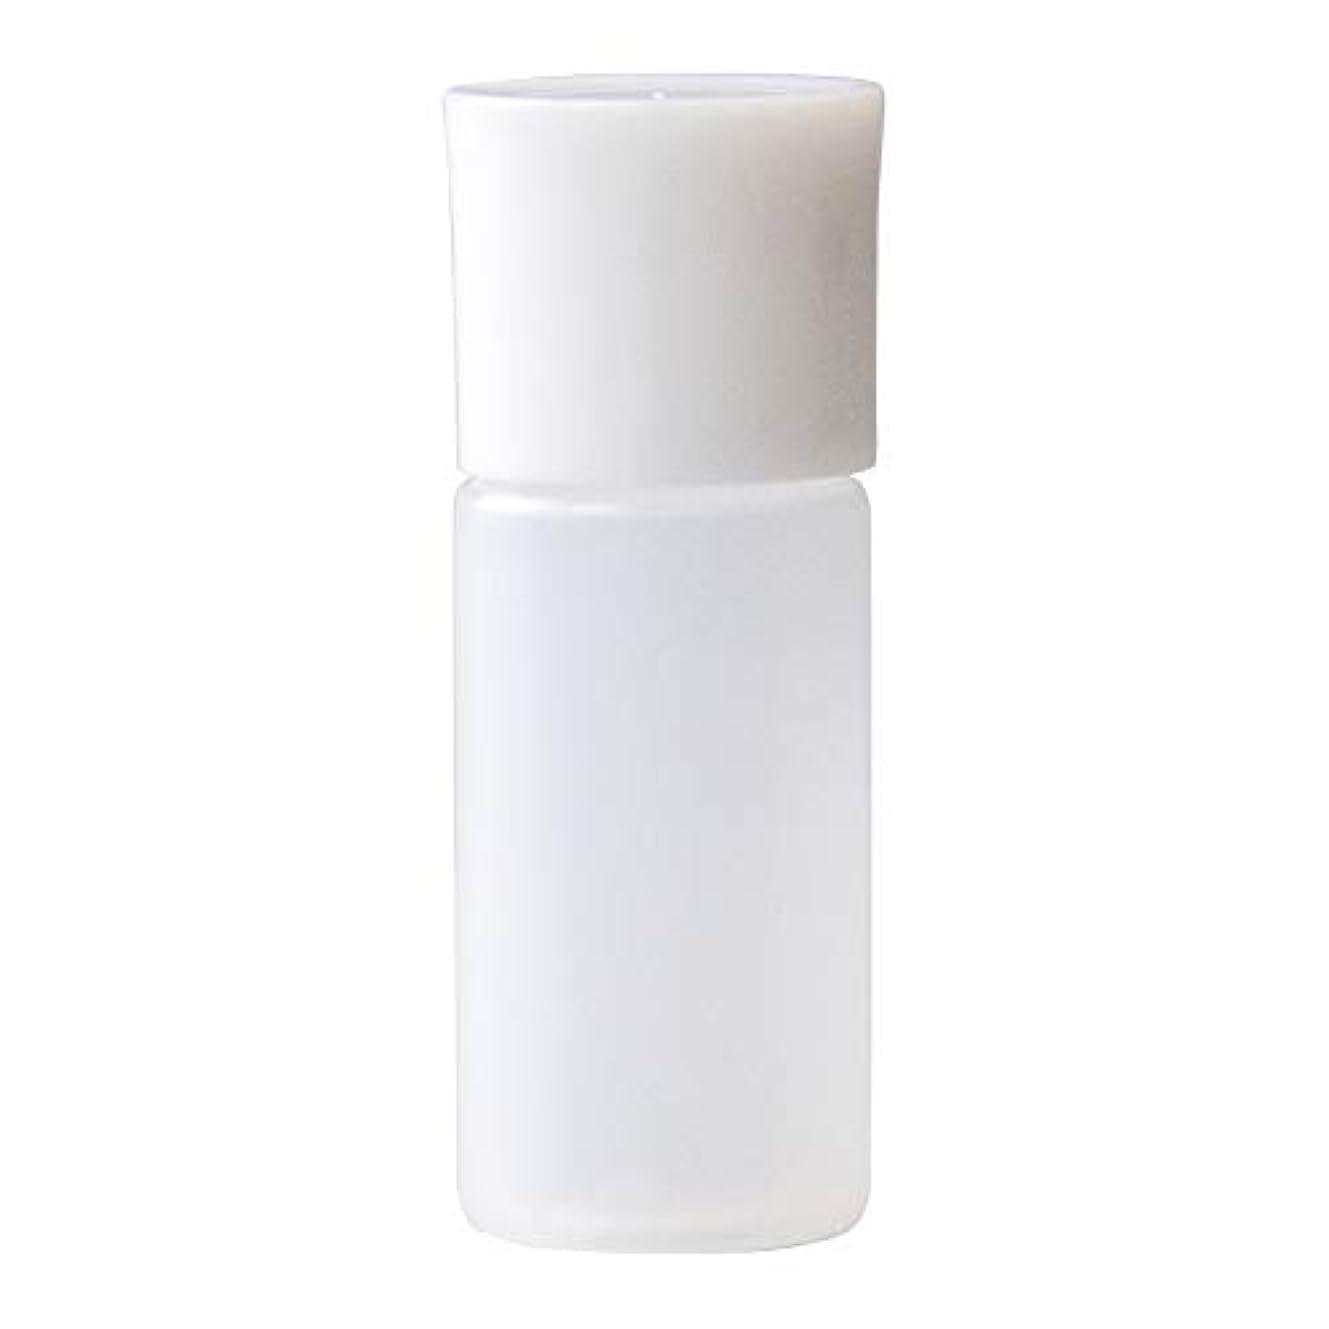 地中海影響を受けやすいですれる穴あき中栓付きミニボトル 5ml 5本セット